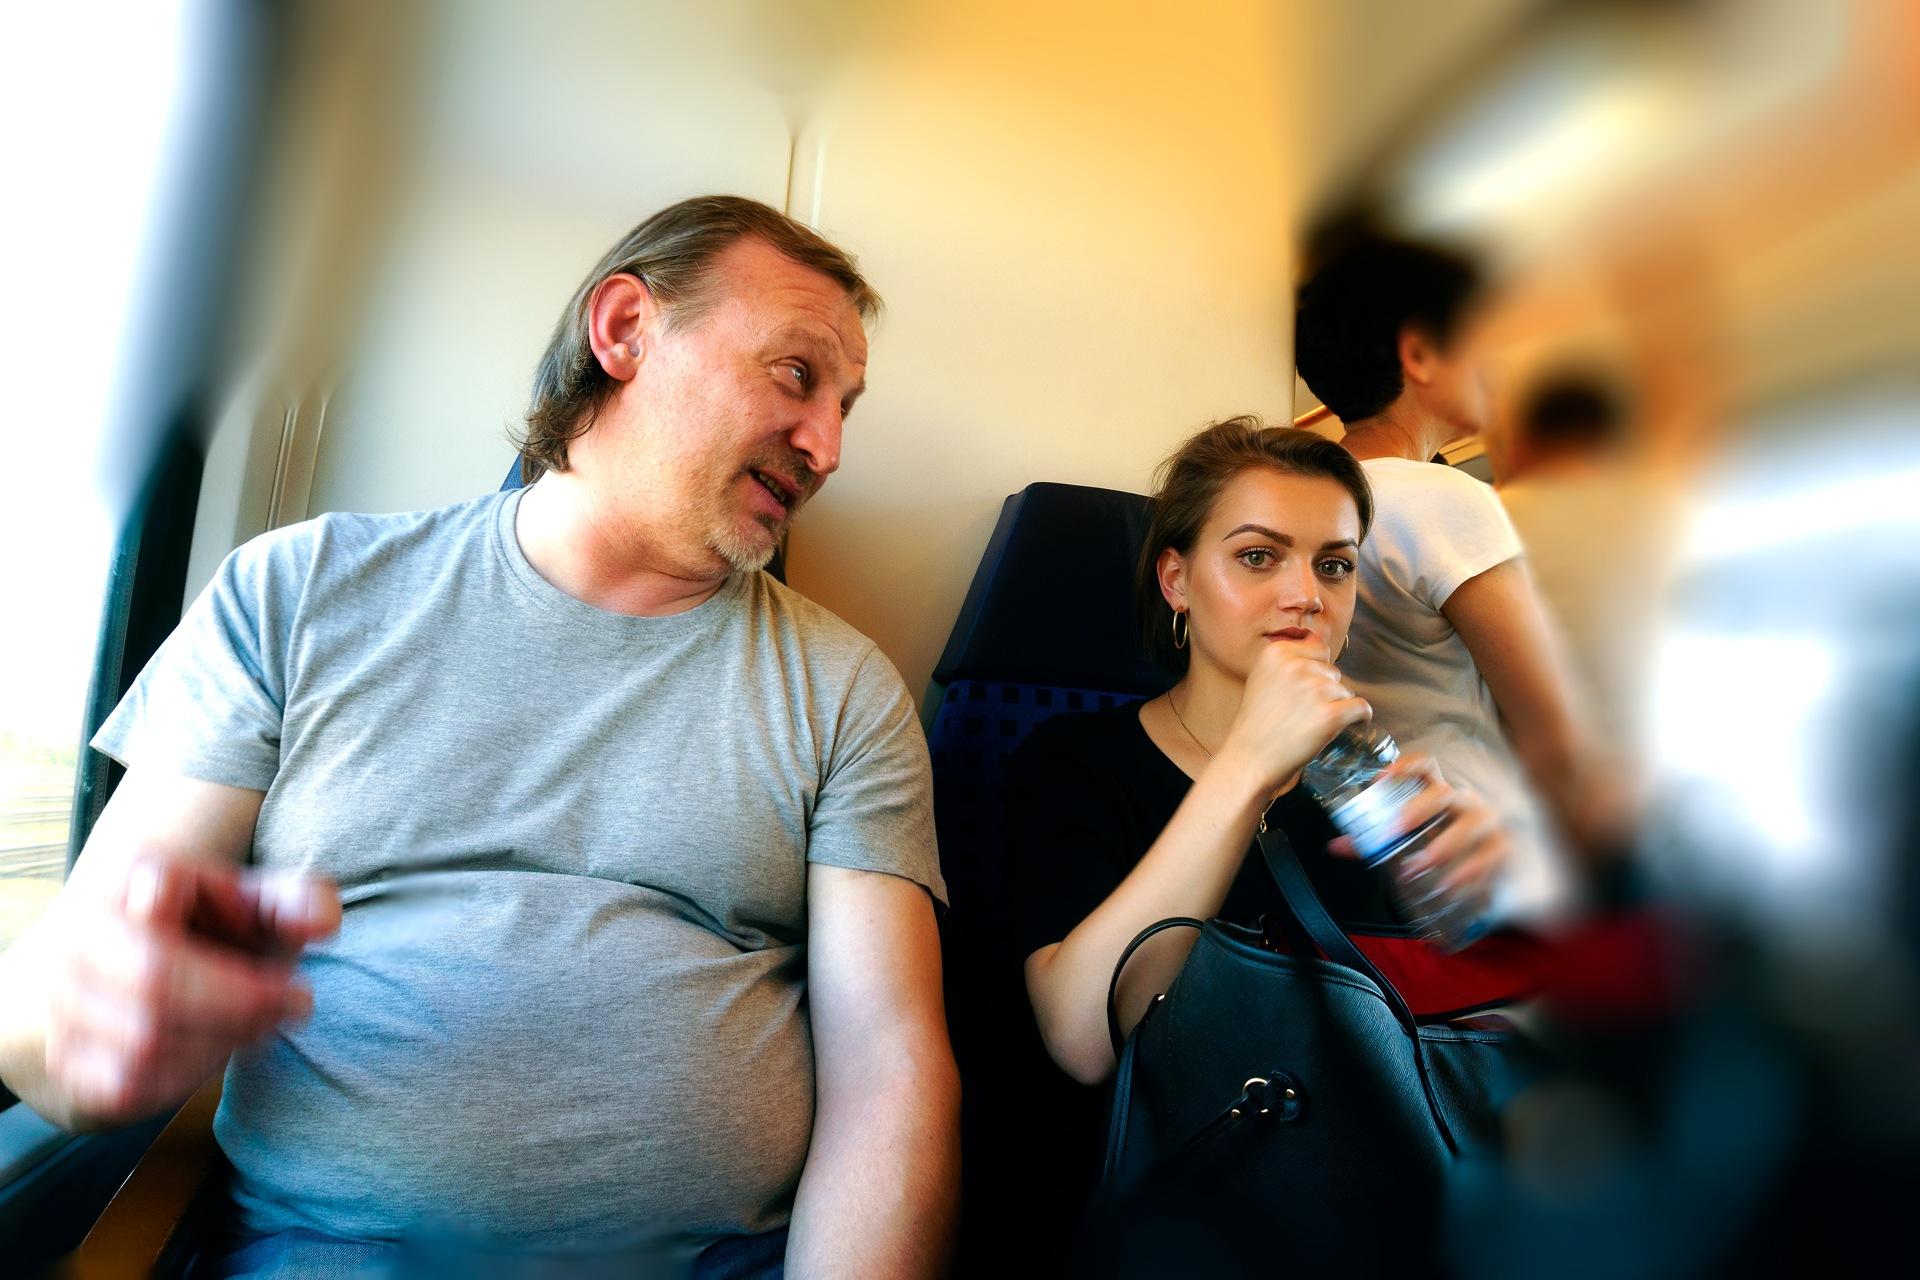 In train by Venelin Todorov